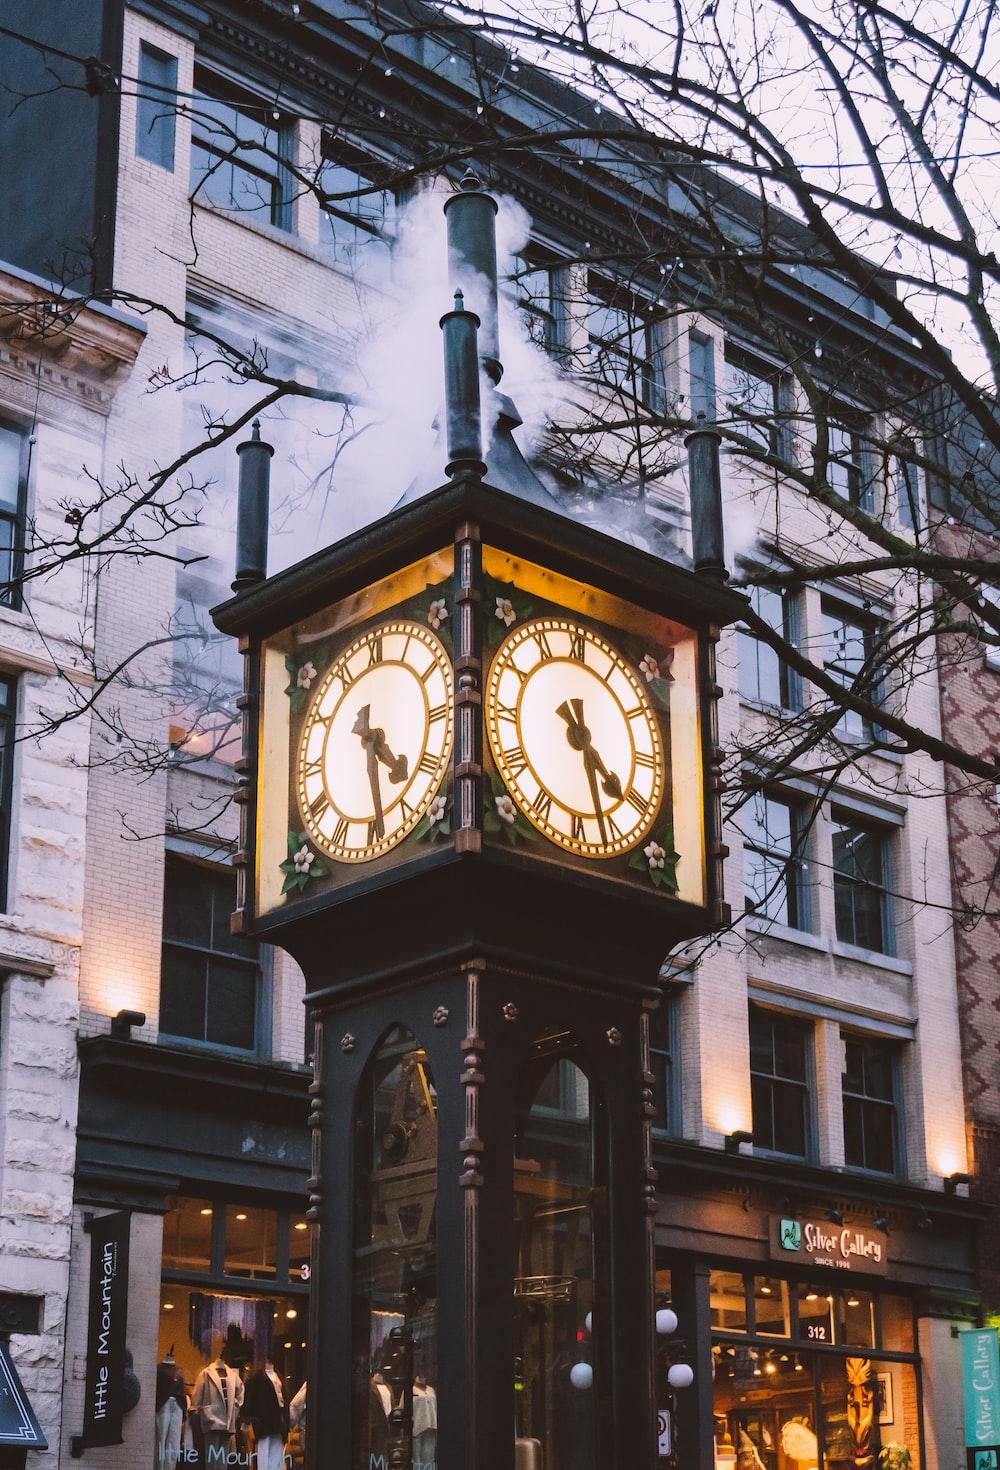 brown wooden analog clock at 10 00